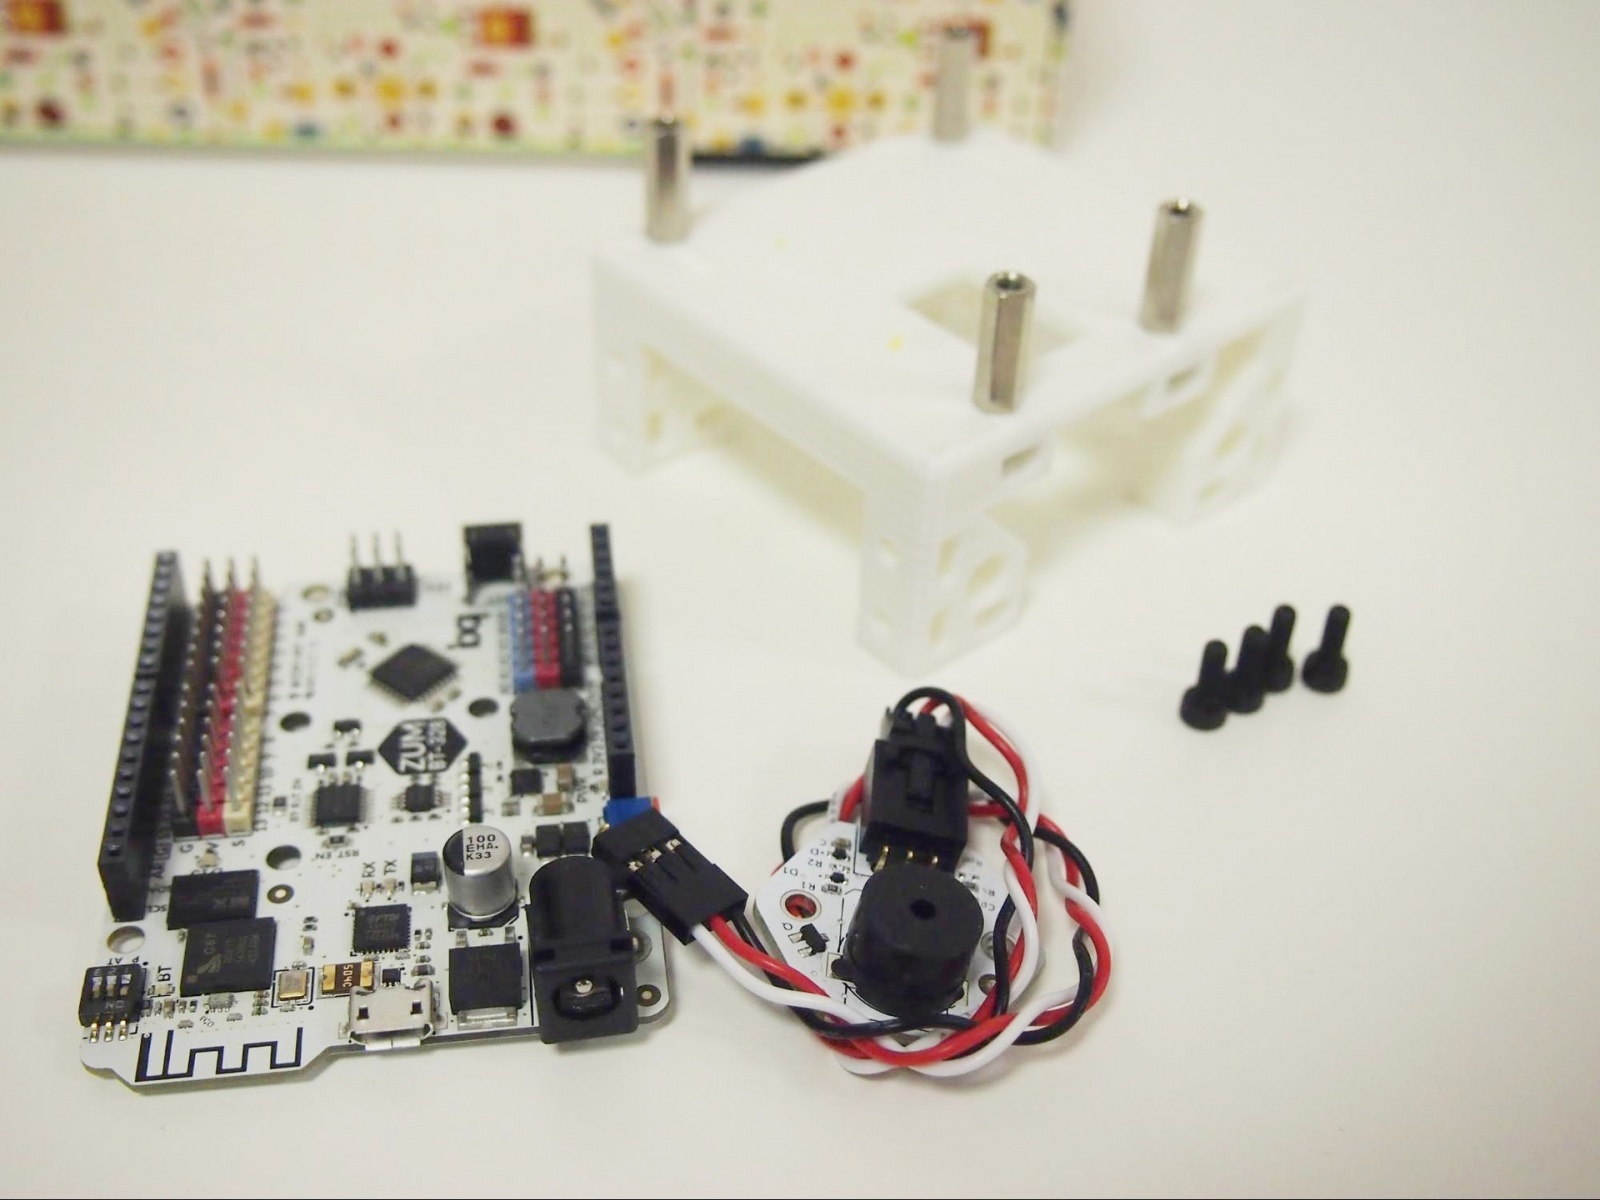 DIY Робот или эволюция в комплекте - 10